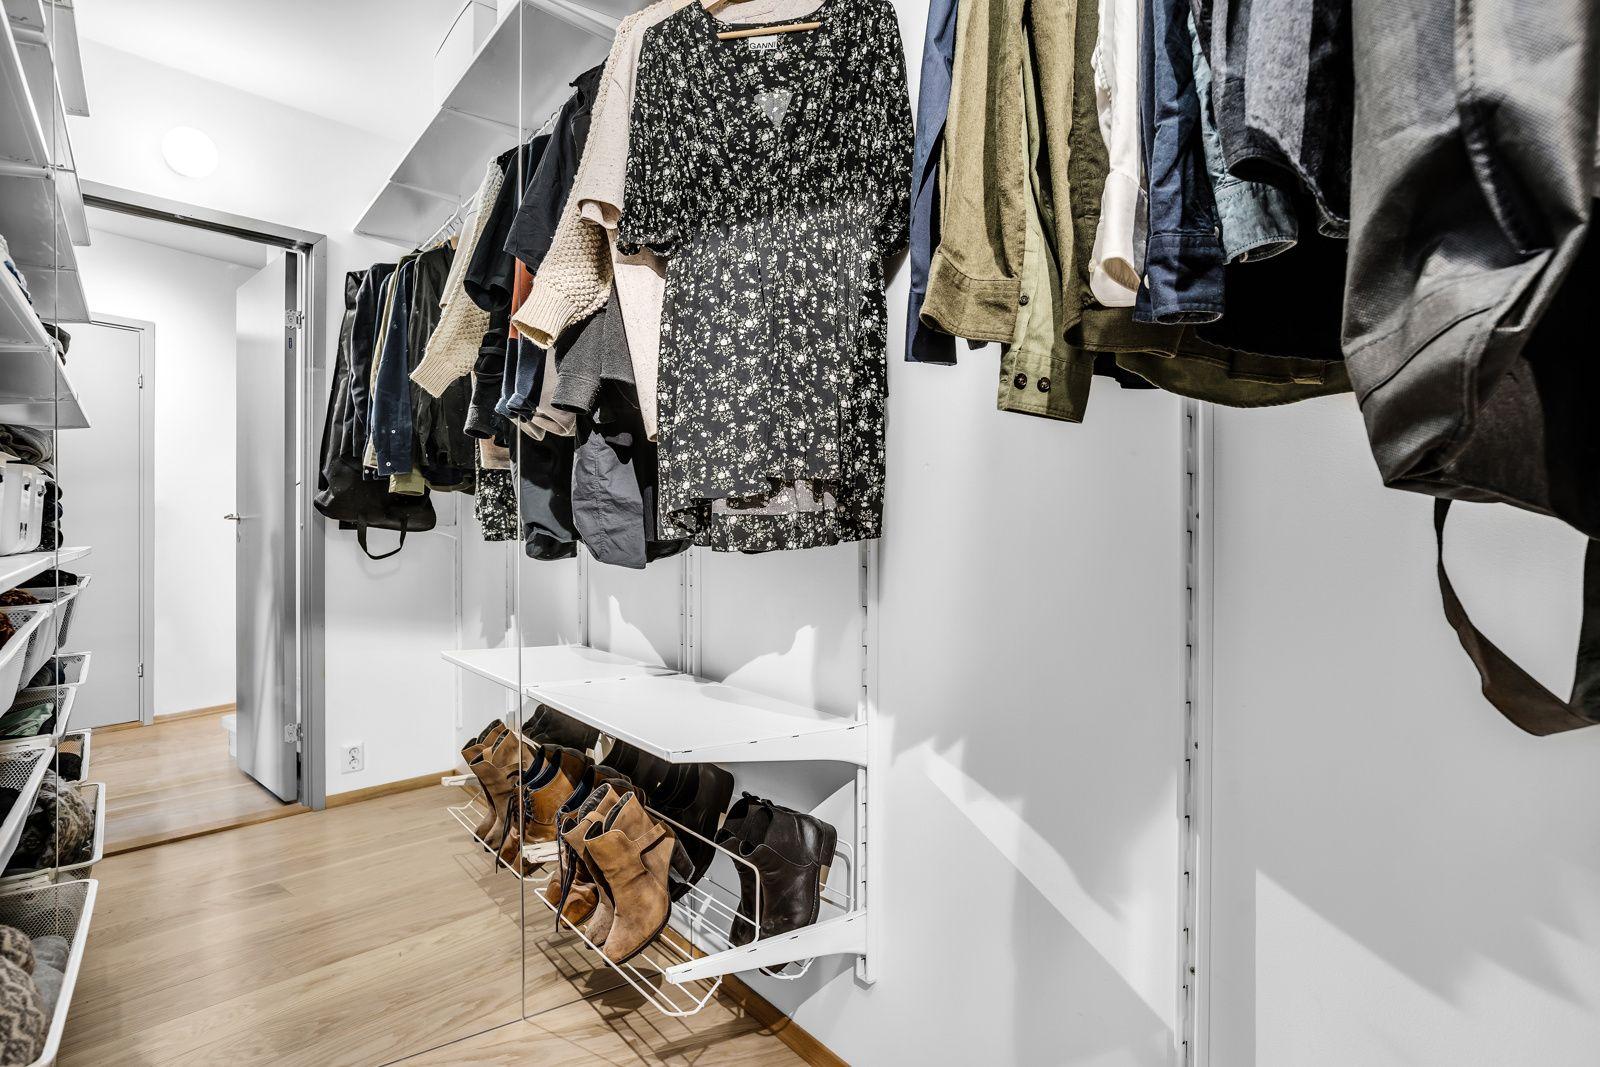 Konows gate 26N Fra gangen er det et praktisk walk-in closet på ca. 3 kvm med ulike oppbevaringsløsninger som gir god plass til oppbevaring av klær og det man måtte ønske.